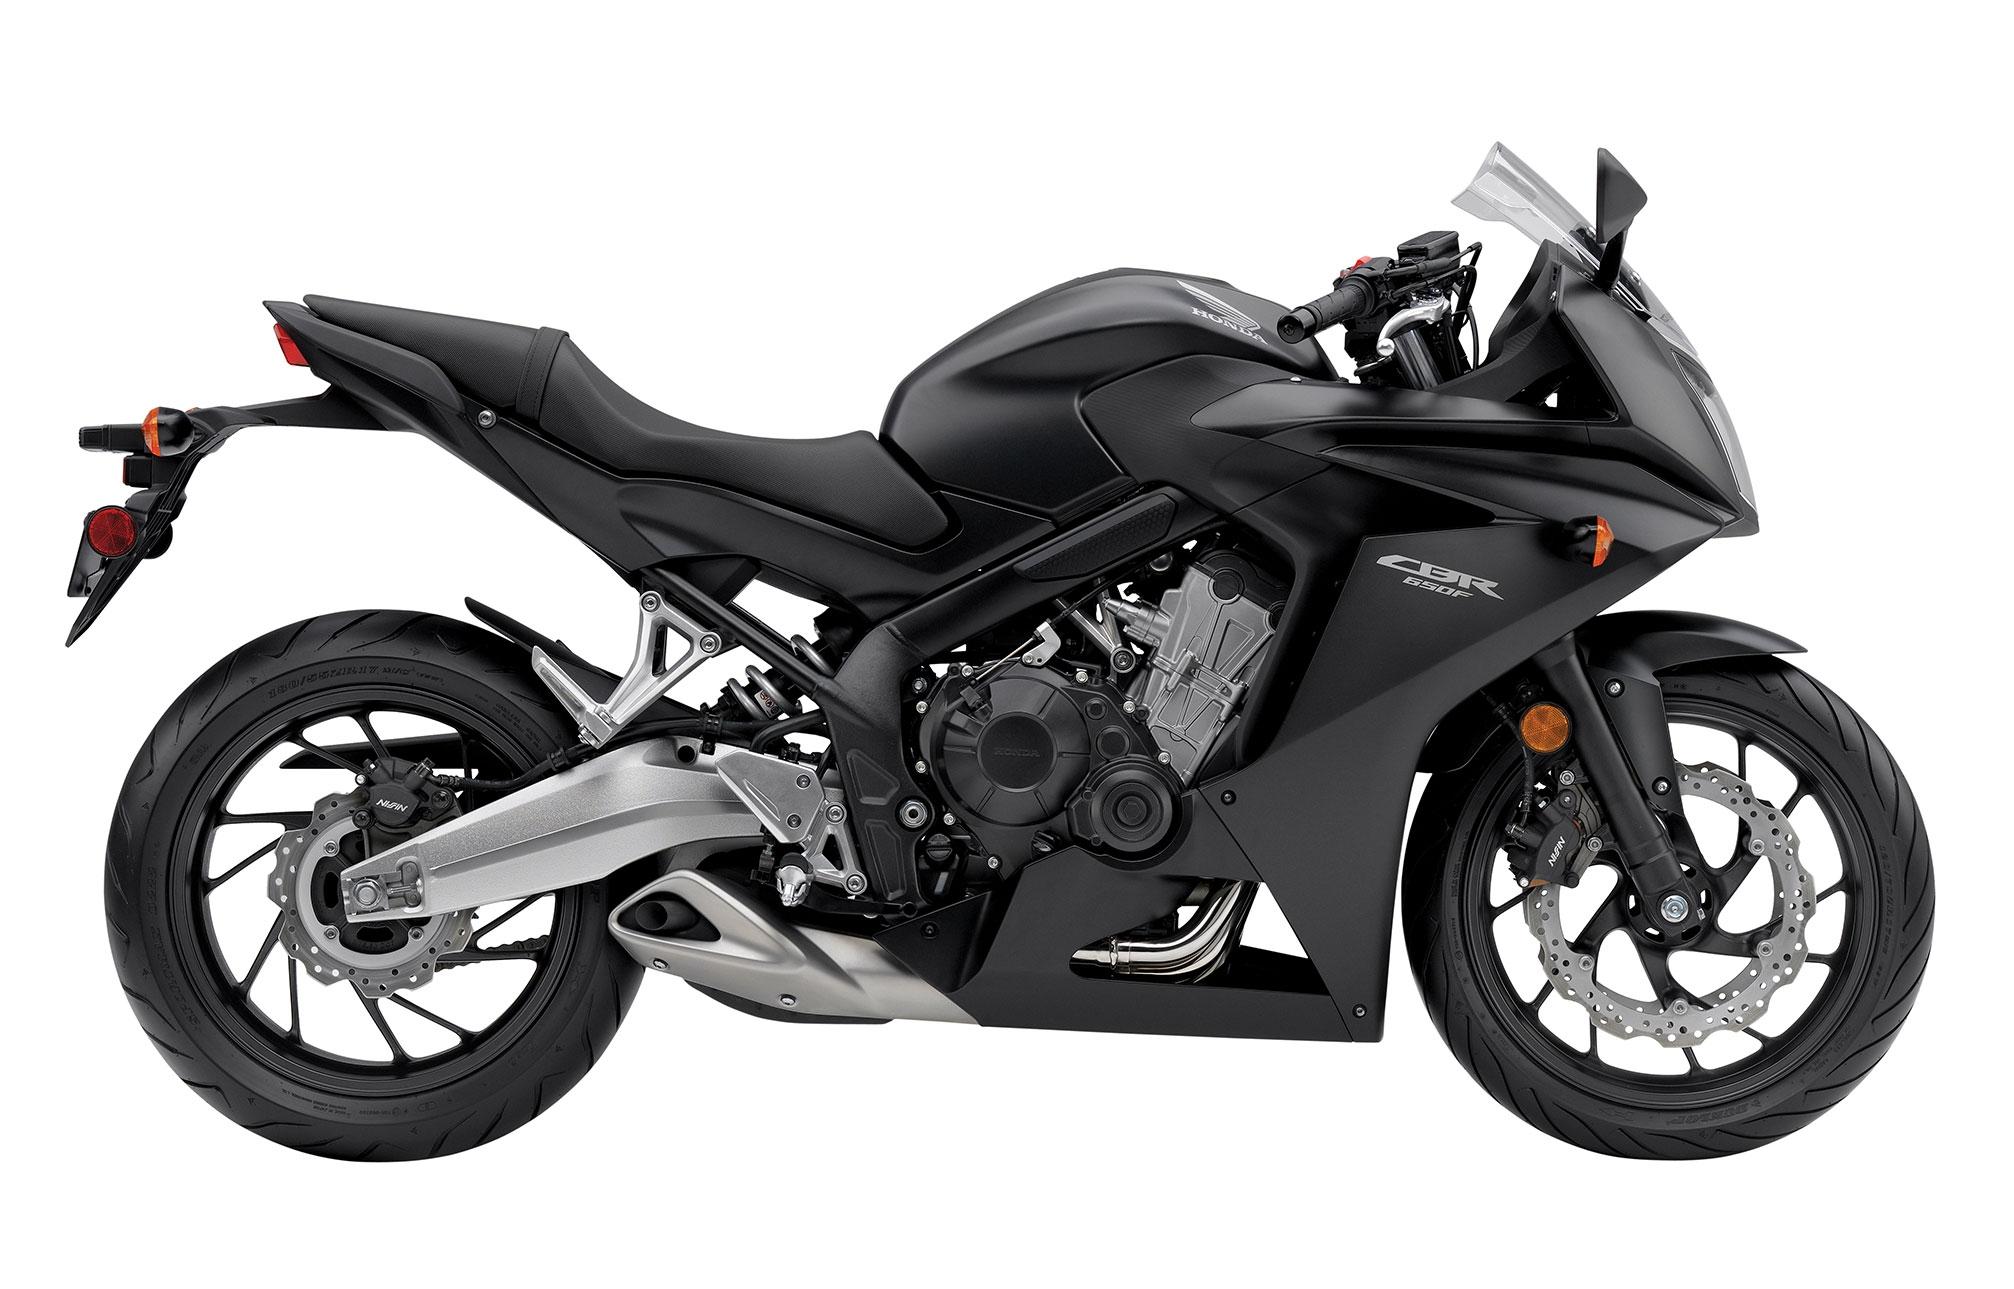 Honda CB650 / CBR650